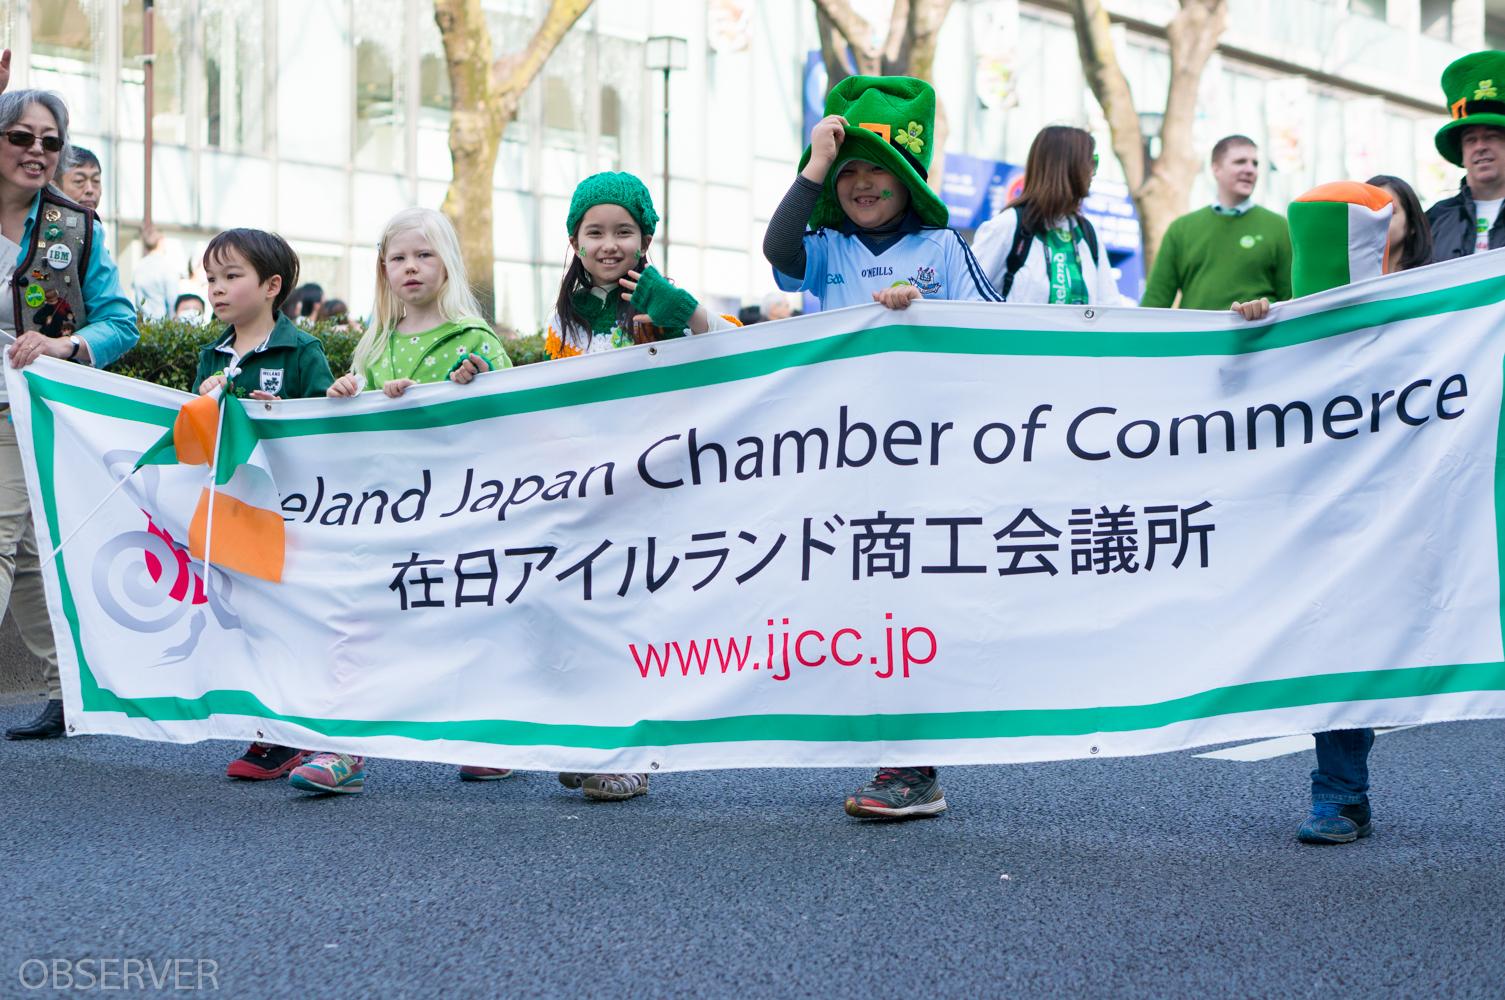 パレードでは子供たちの弾けるような笑顔が見る人を和ませていましたが、日本在住のアイルランド人も沢山いらっしゃっていてビールを飲んで燥ぎまくっていました。